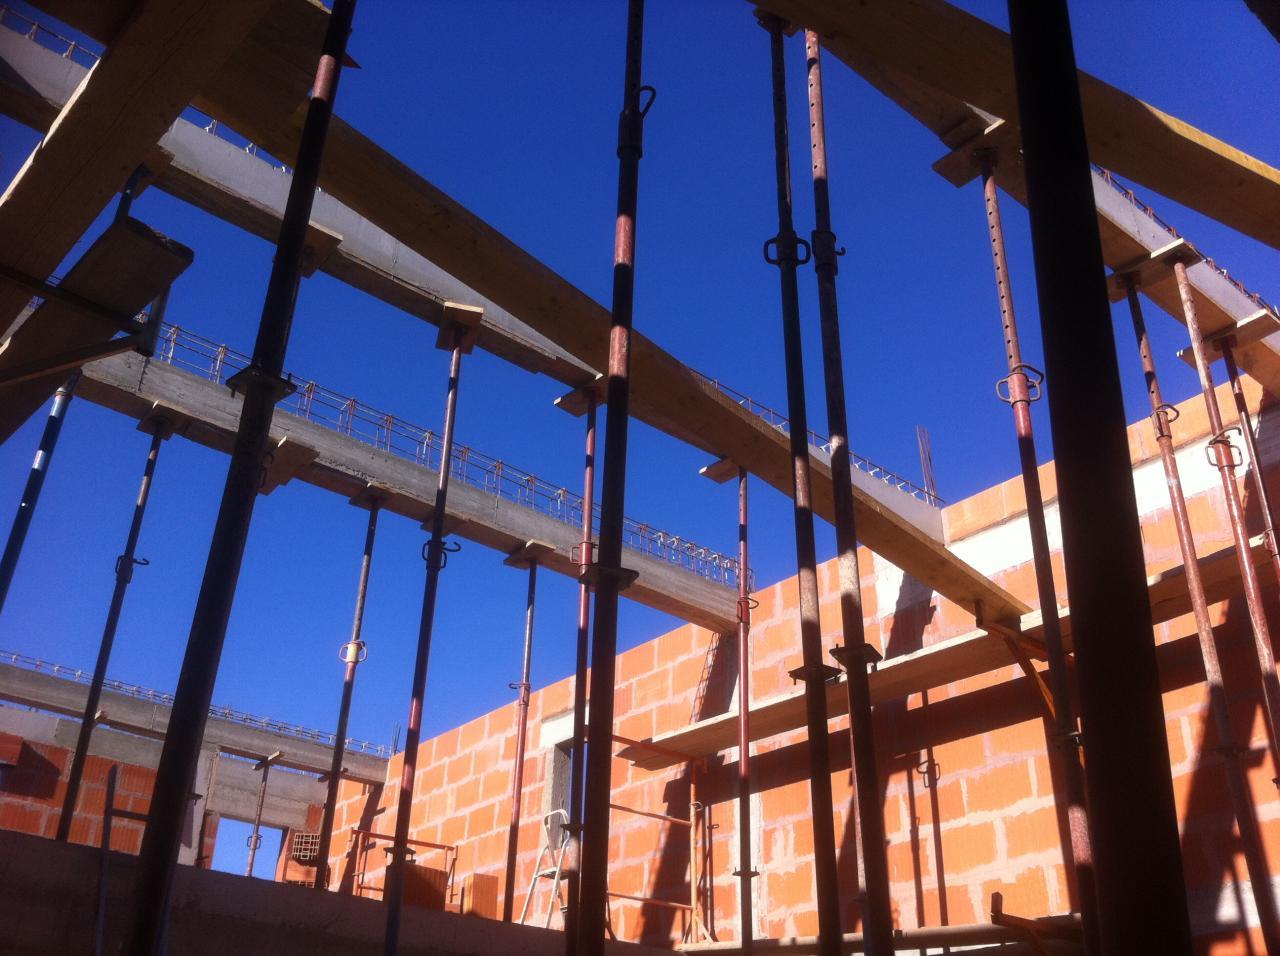 vue des poutres porteuses du plancher de toit